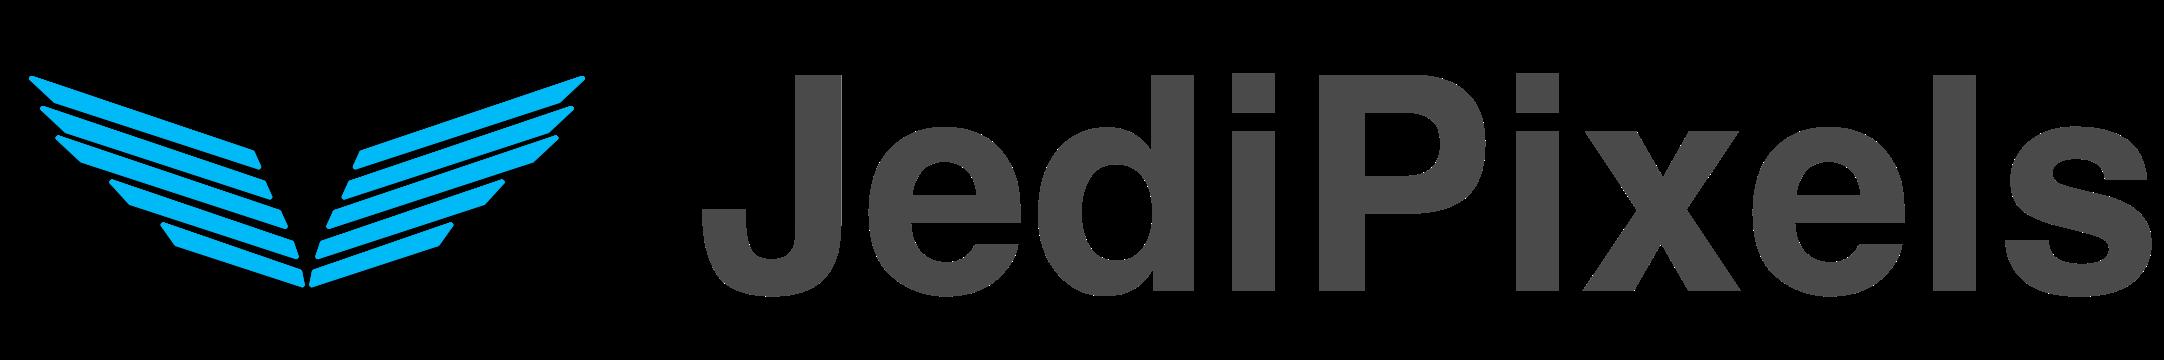 JediPixels - Beginning Flutter: A Hands On Guide To App Development